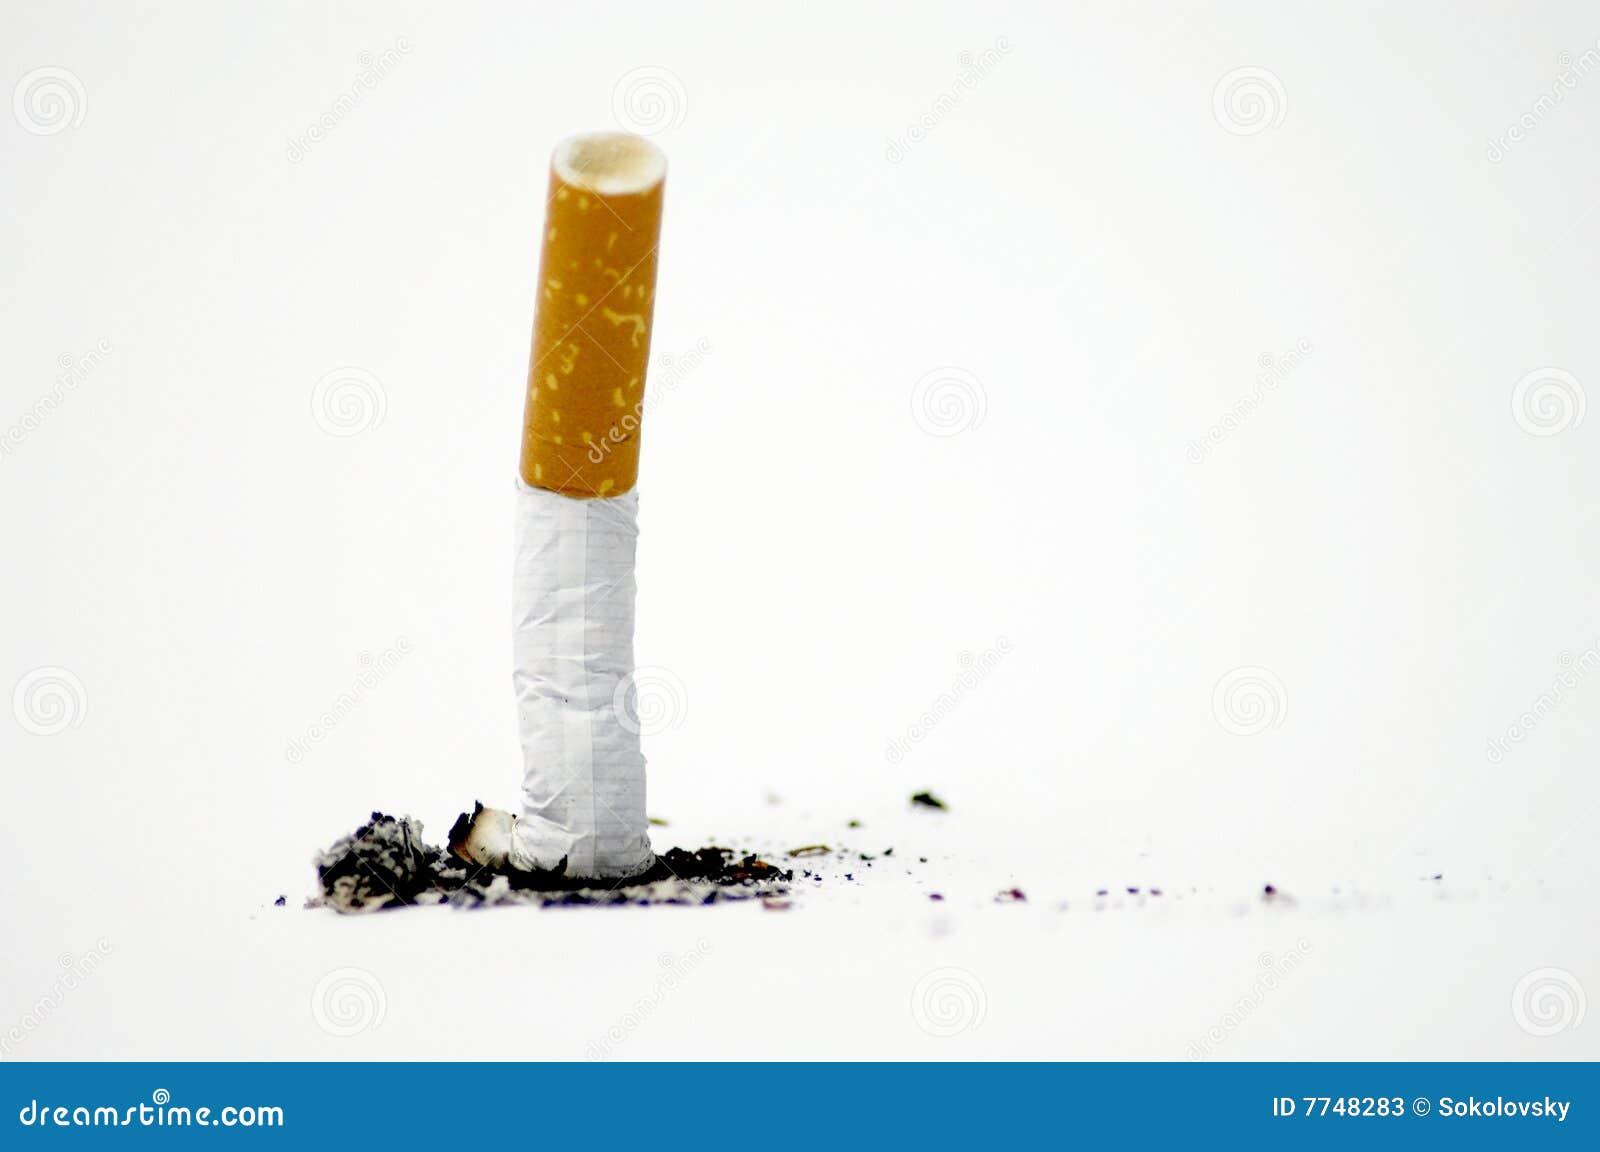 靶垛香烟没有抽烟的白色